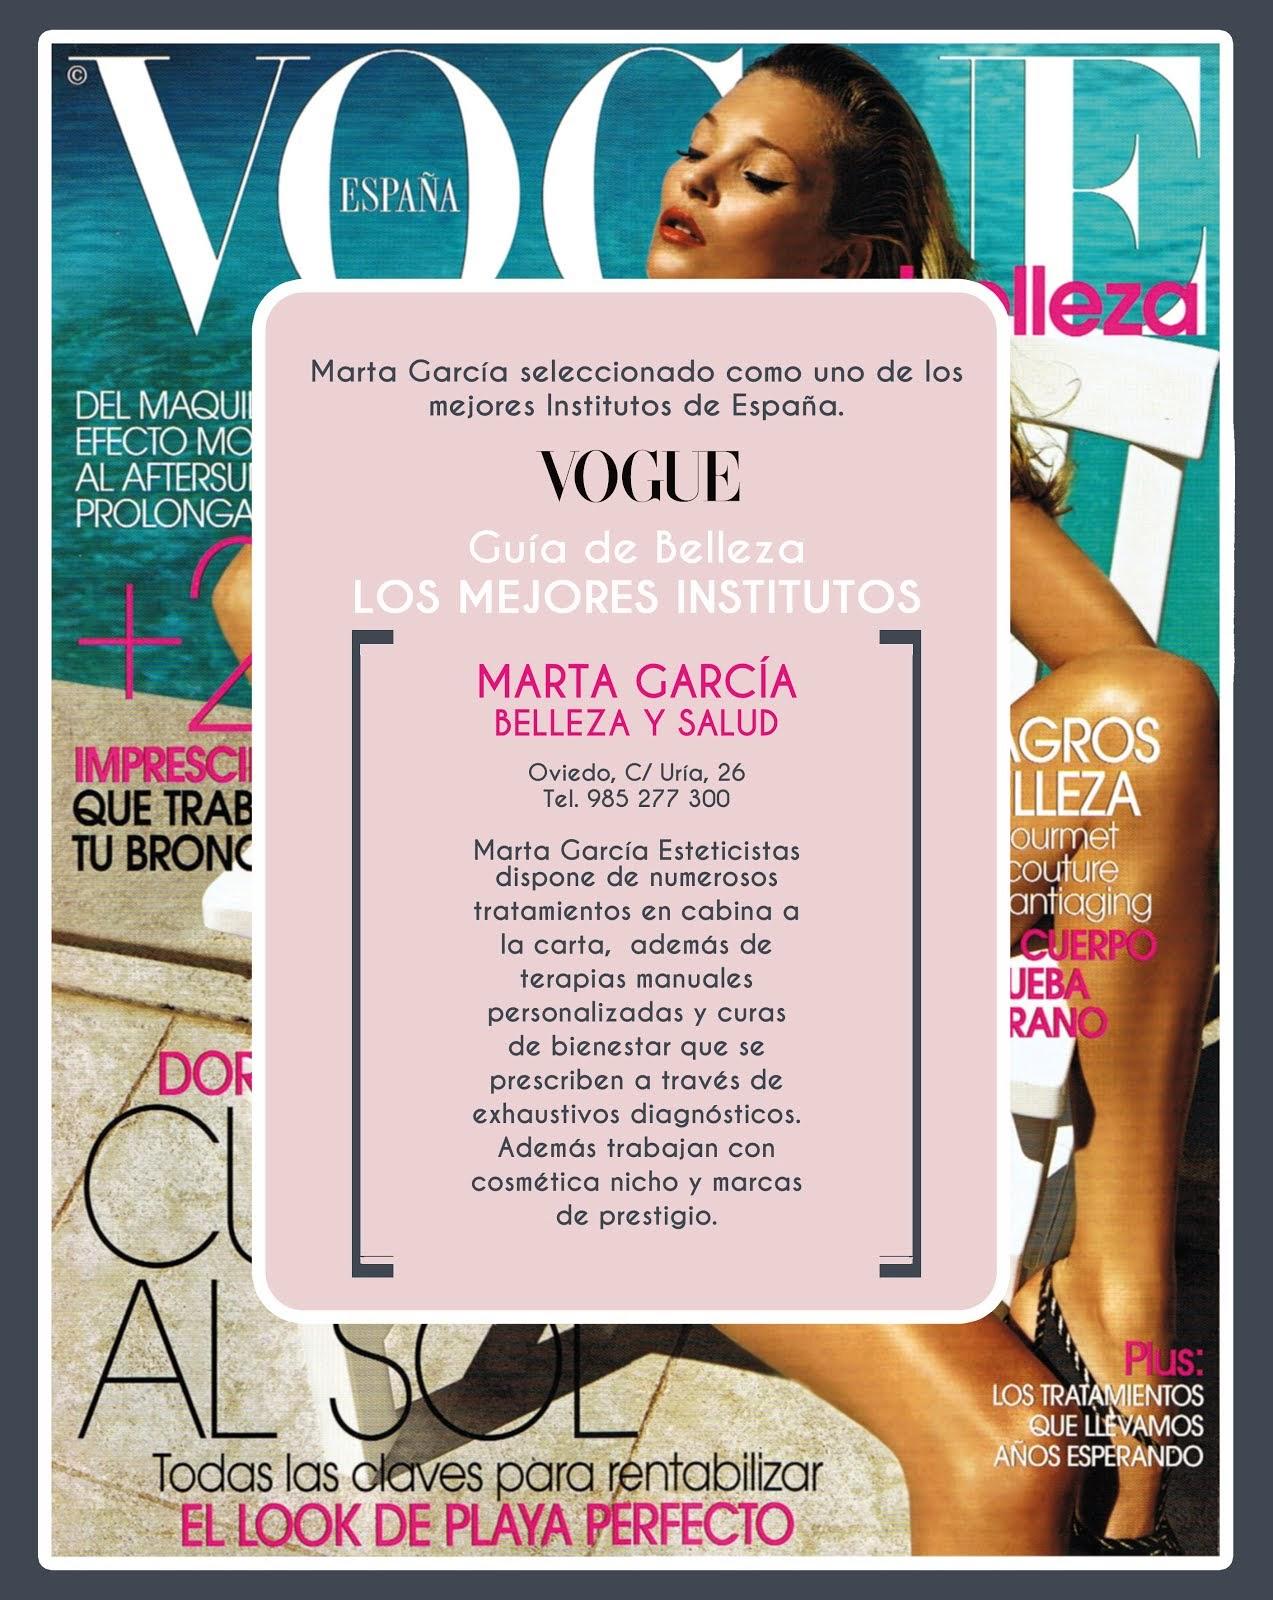 Vogue selecciona a Marta García como uno de los mejores centros de belleza de España